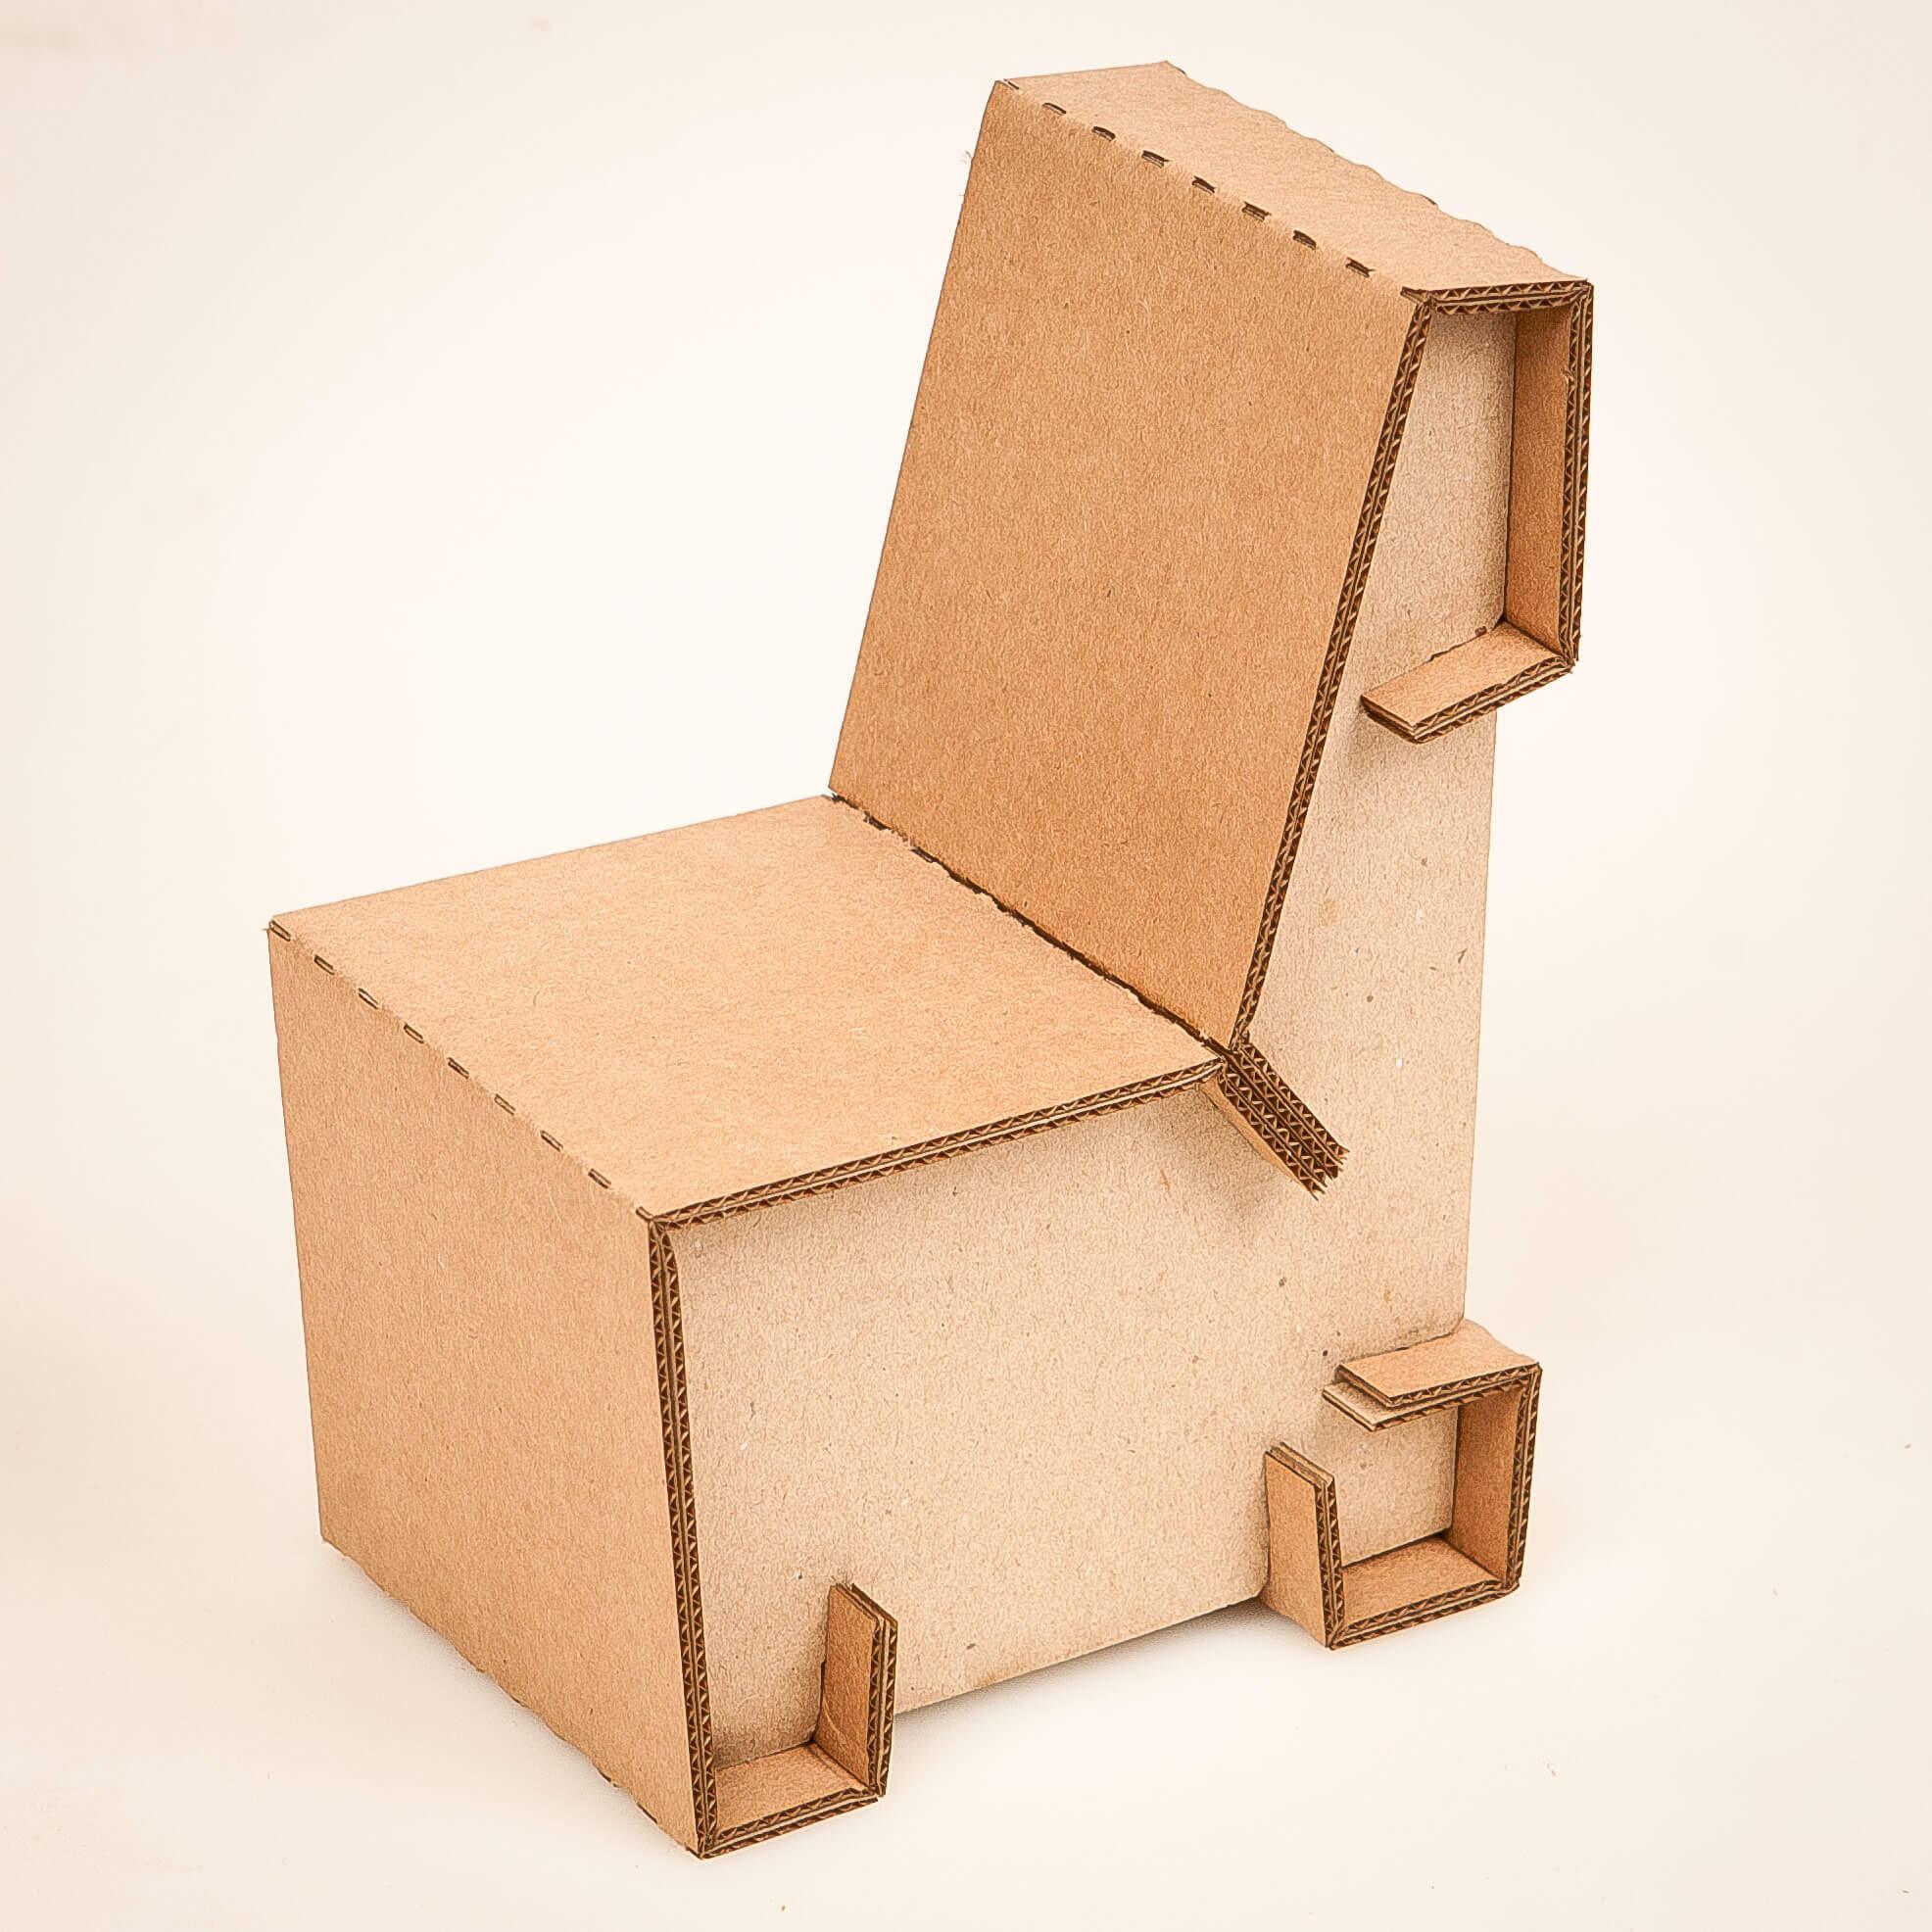 Фото - Недорогой качественный картон для изготовления упаковки